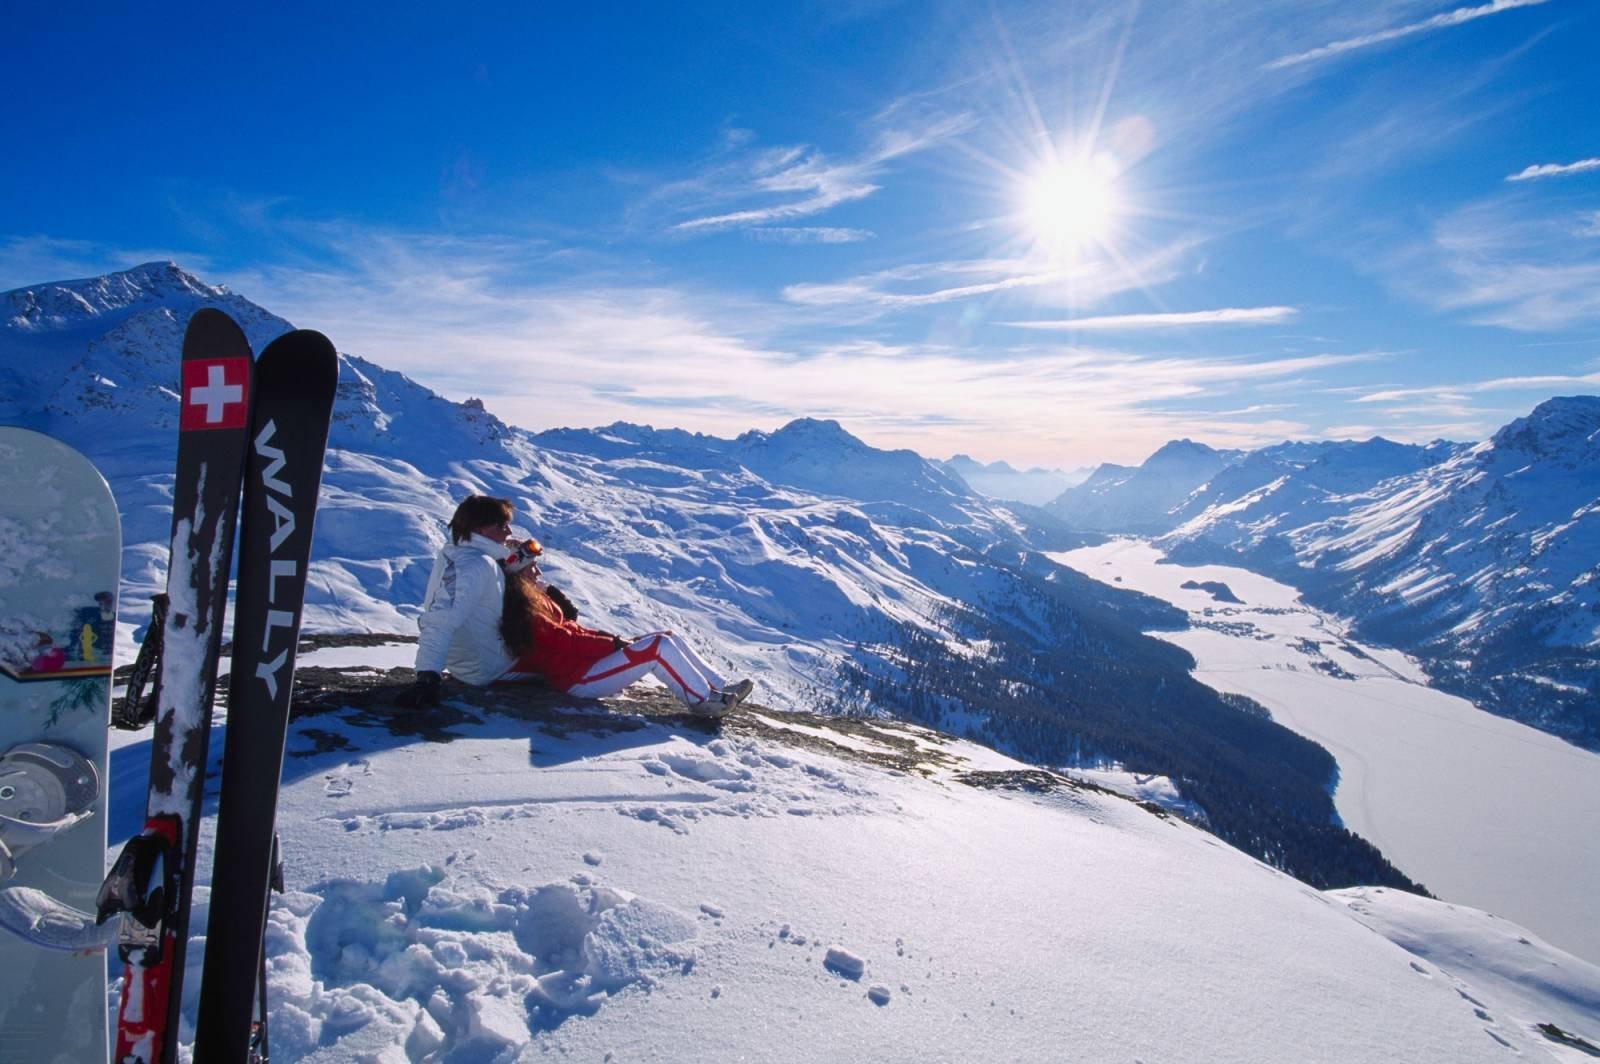 швейцария горные лыжи фото торговых